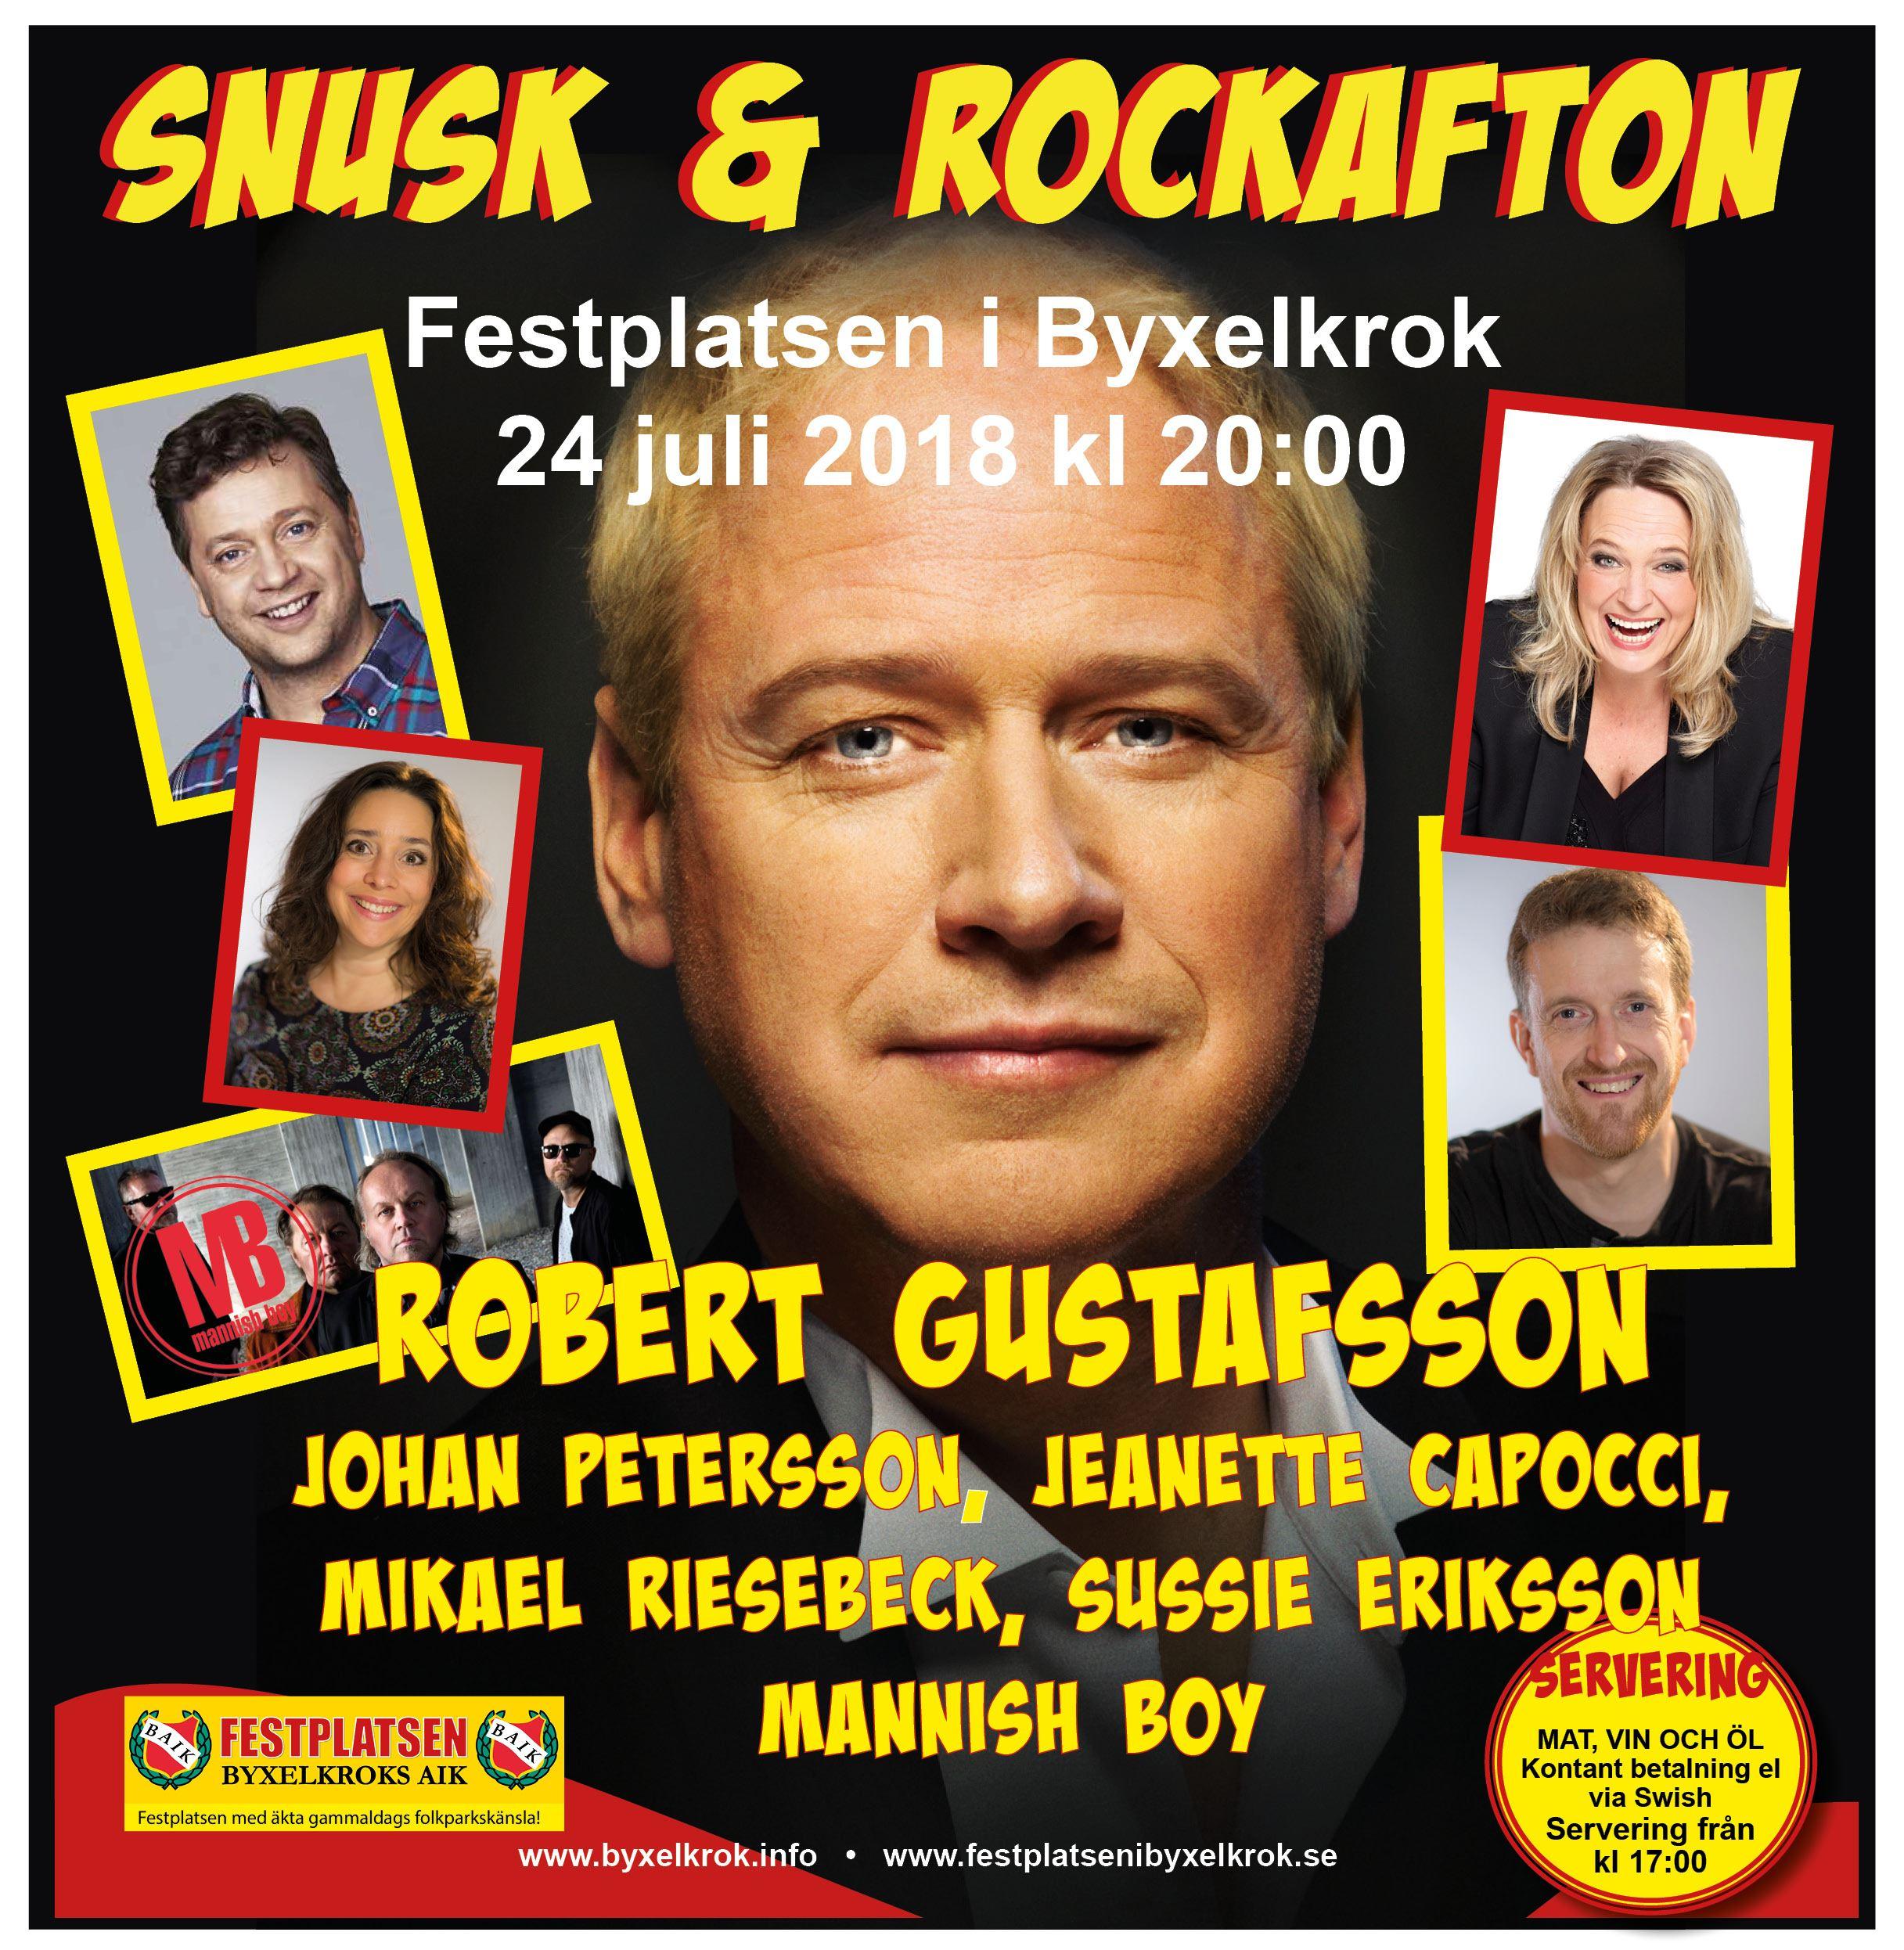 Snusk & Rockafton